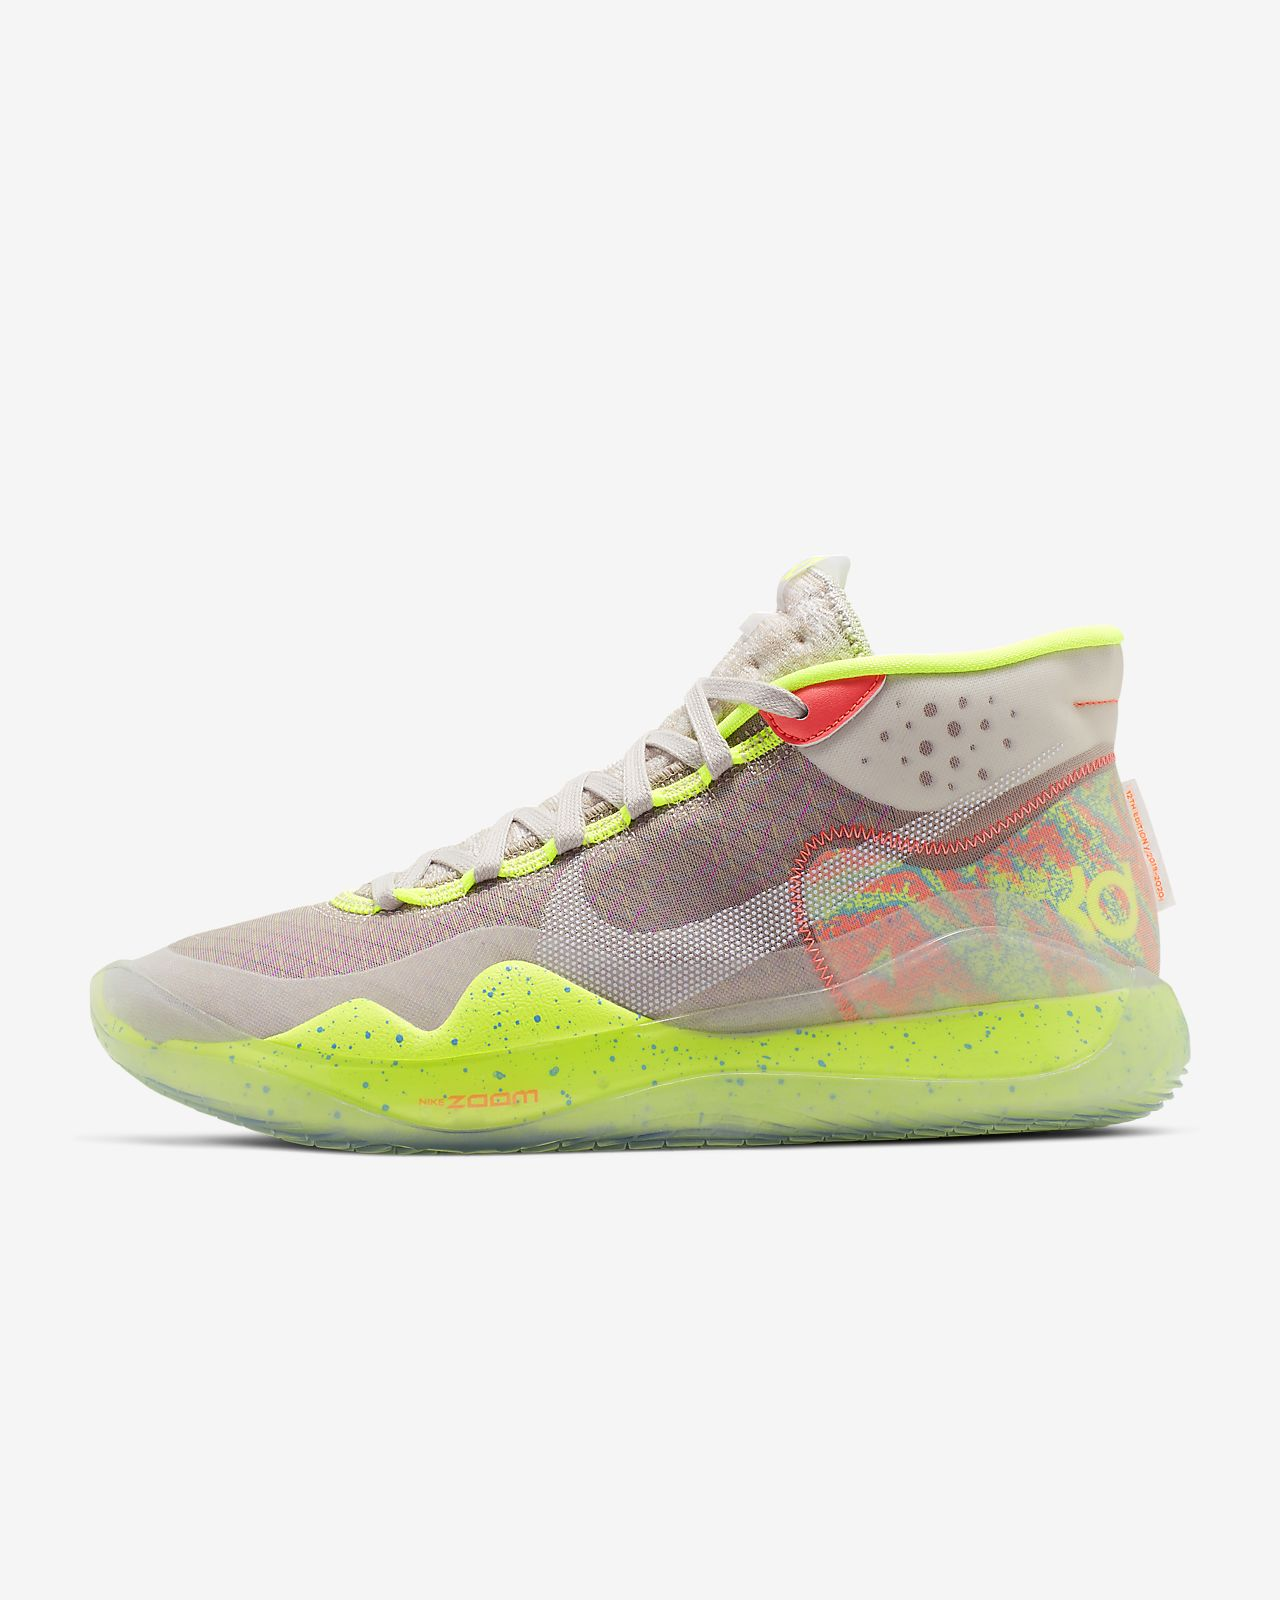 รองเท้าบาสเก็ตบอล Nike Zoom KD12